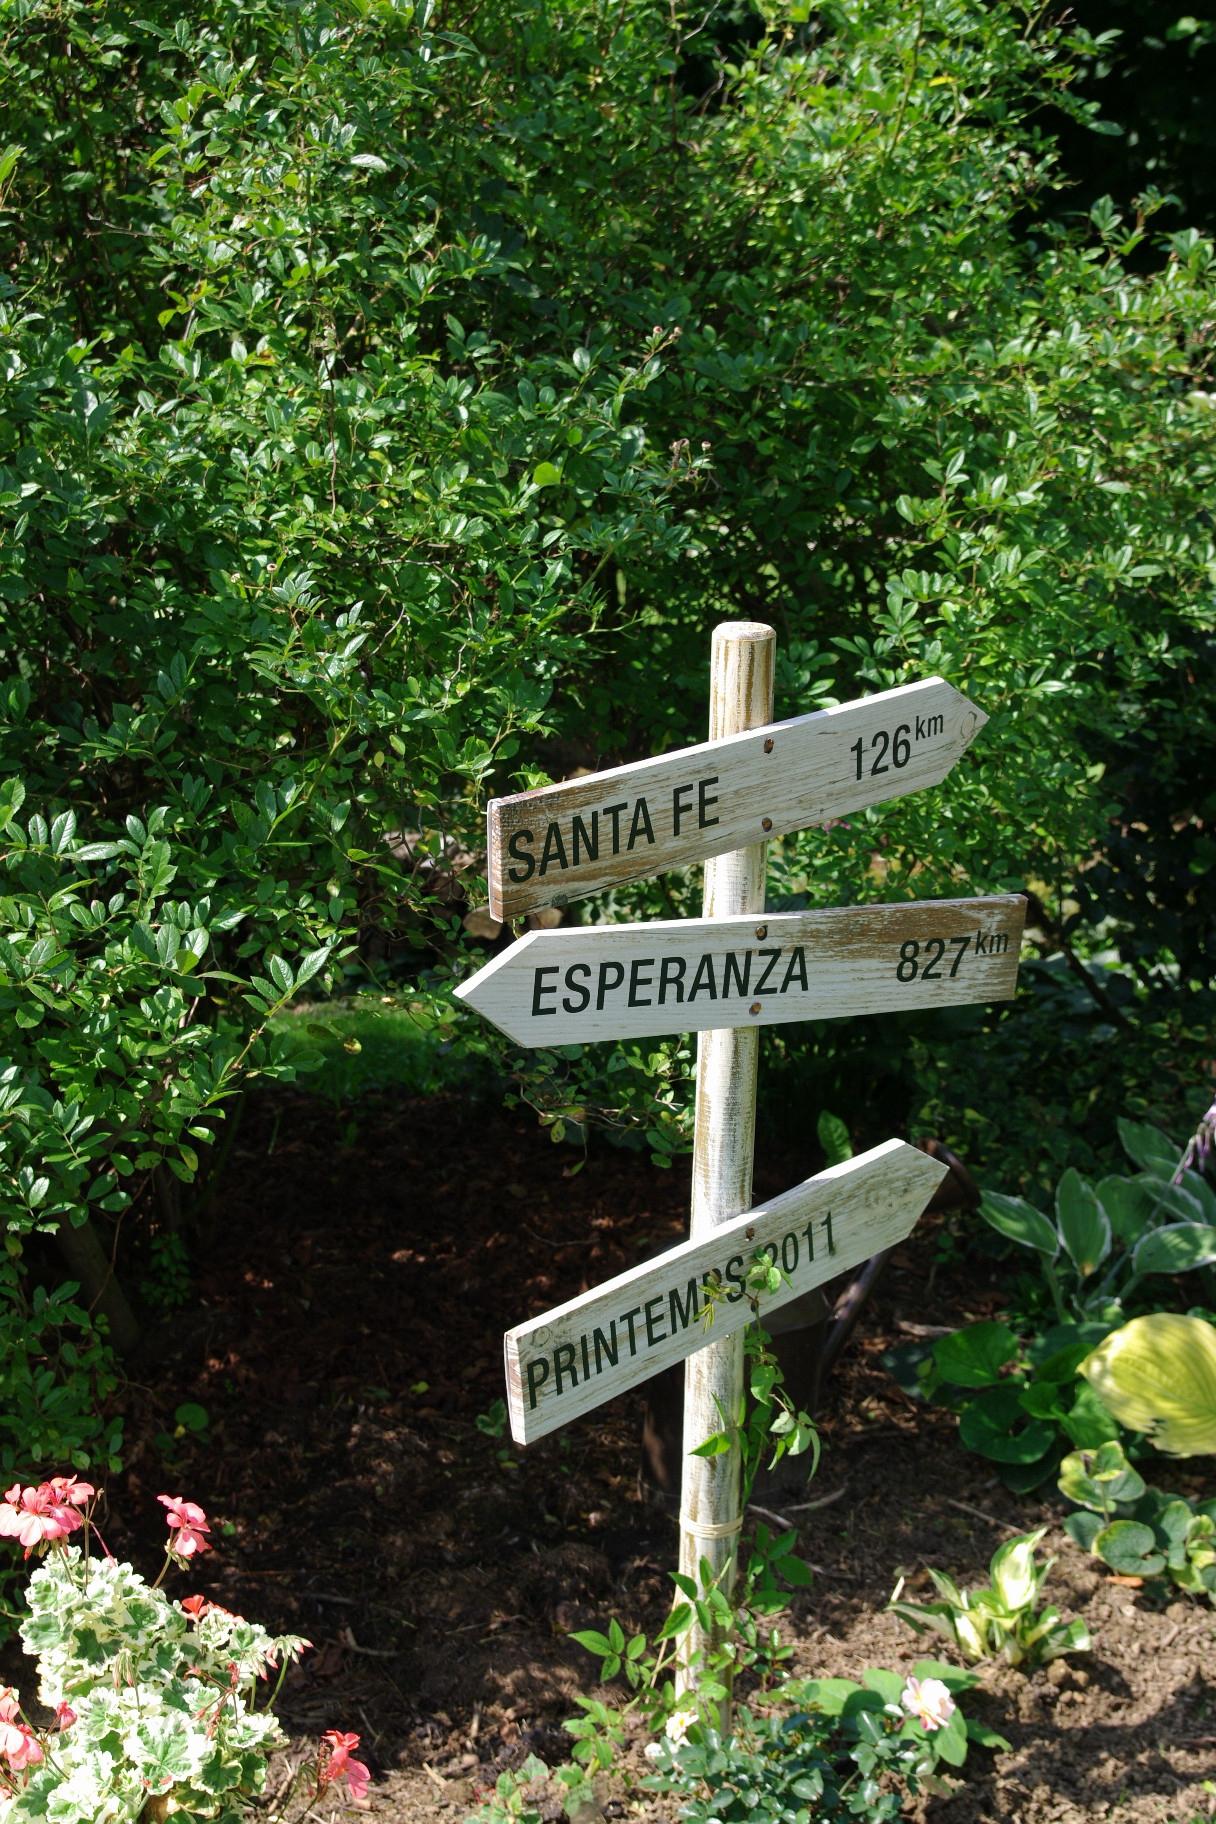 Comment Faire Un Jardin Zen Pas Cher Conception - Idees ... avec Objet Decoration Jardin